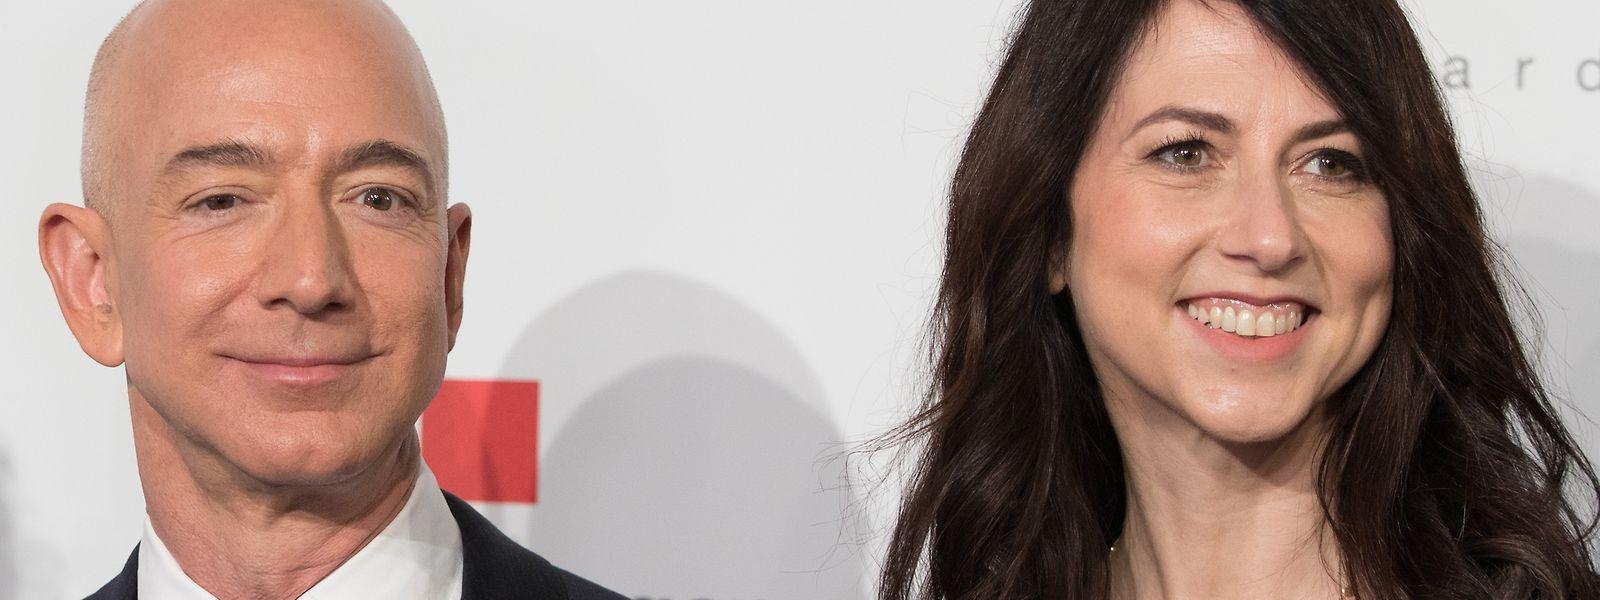 Amazon-Chef Jeff Bezos und seine Frau MacKenzie Bezos lassen sich nach 25 Ehejahren scheiden.